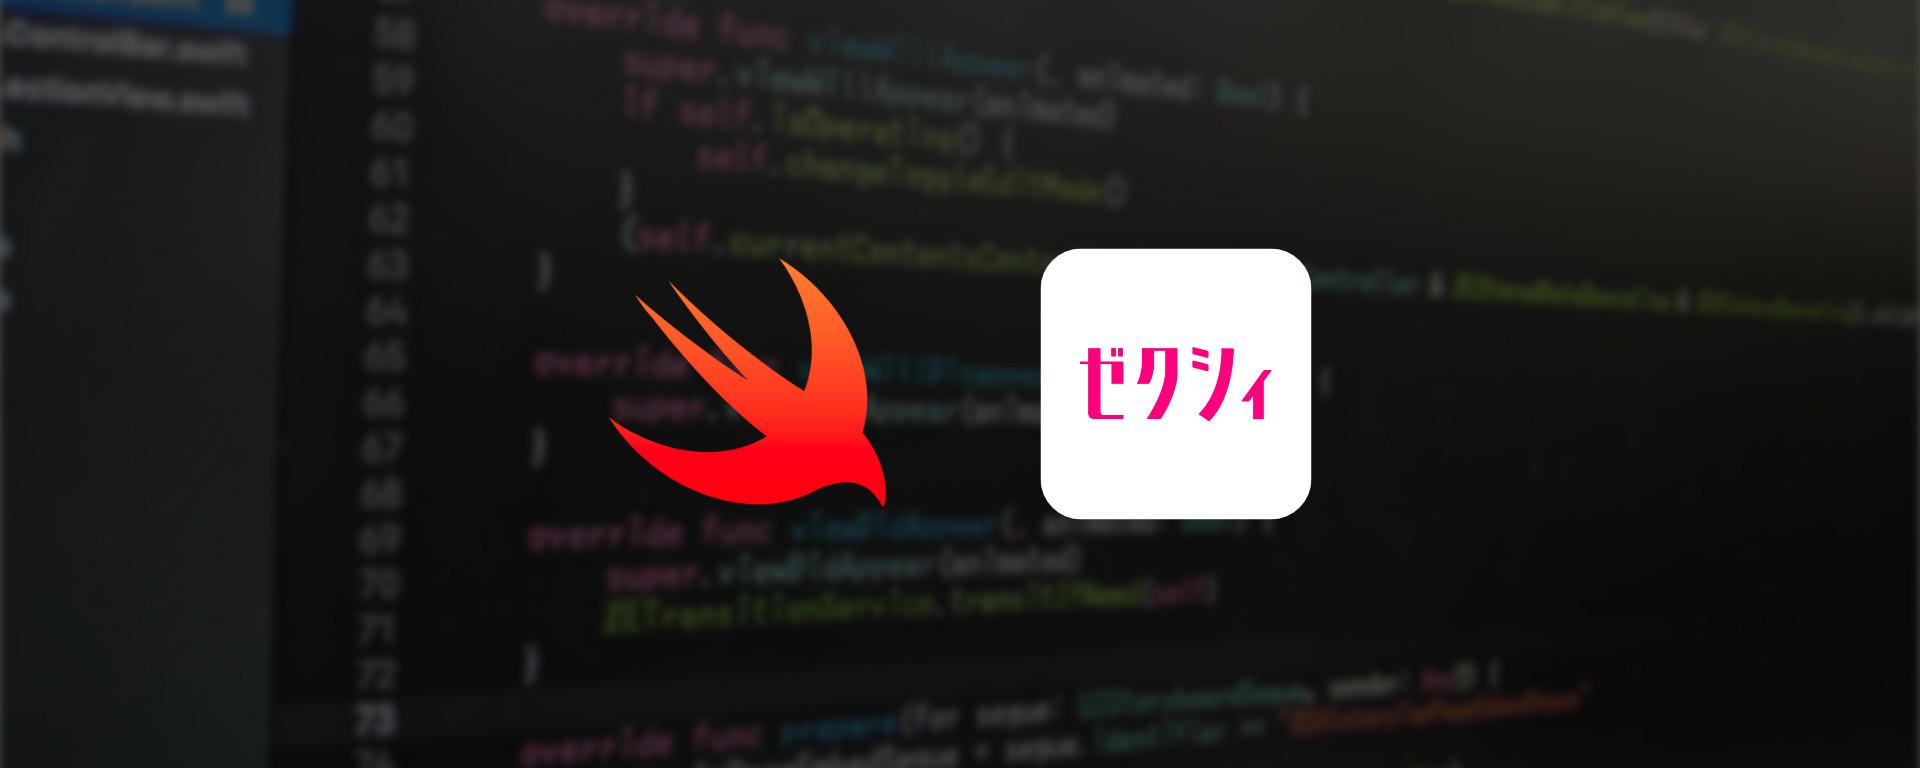 Swiftはじめました - ゼクシィiOSアプリの場合